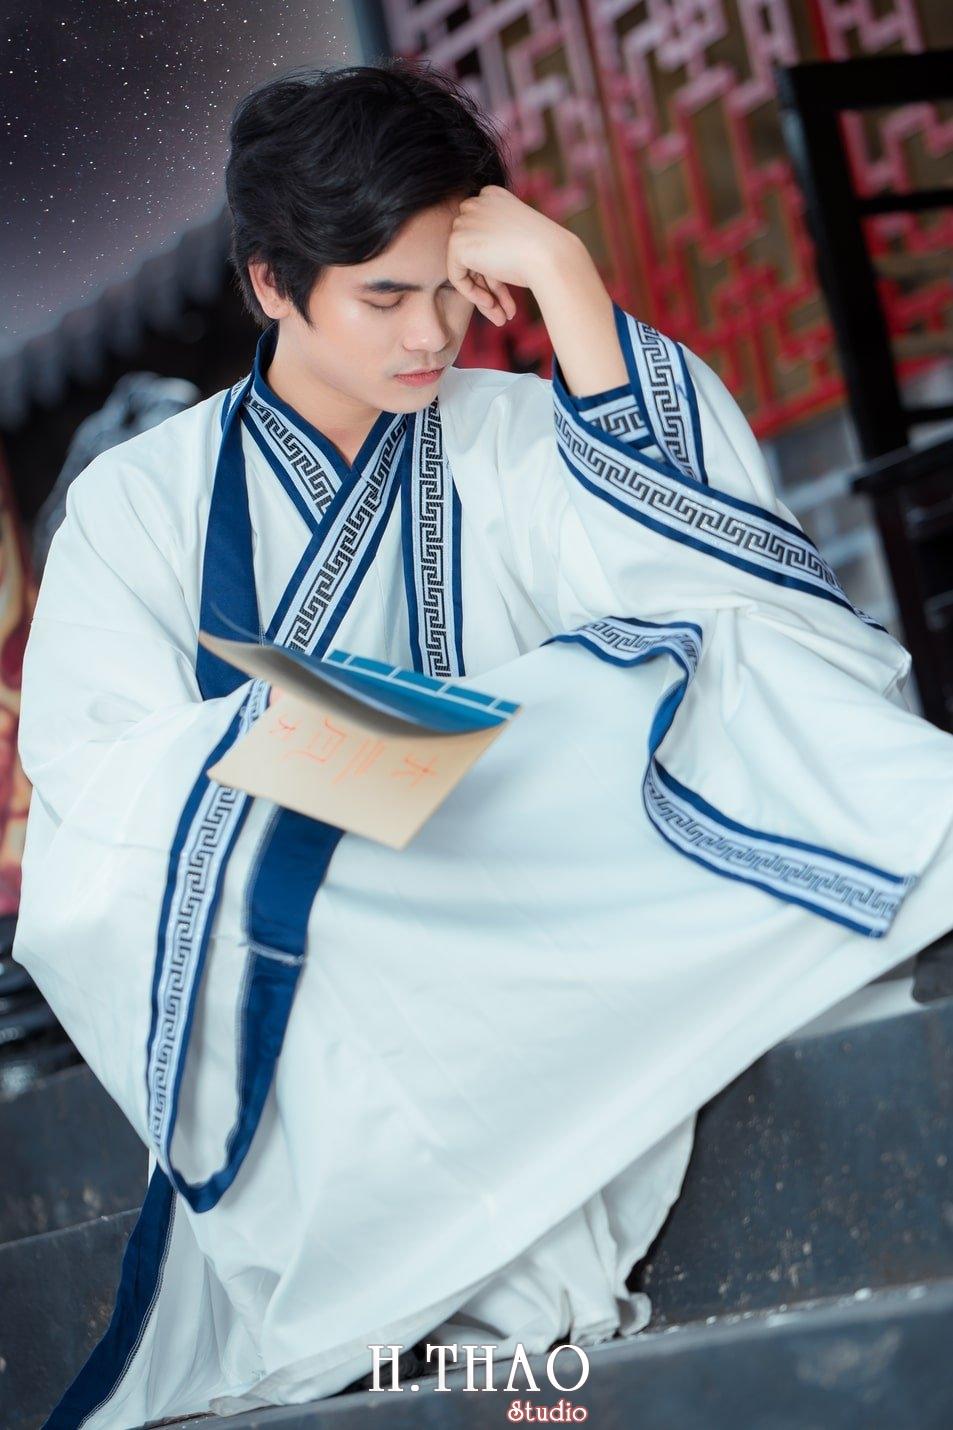 Anh co trang nam 14 - Album ảnh cổ trang nam phong cách thư sinh đẹp lạ mắt – HThao Studio